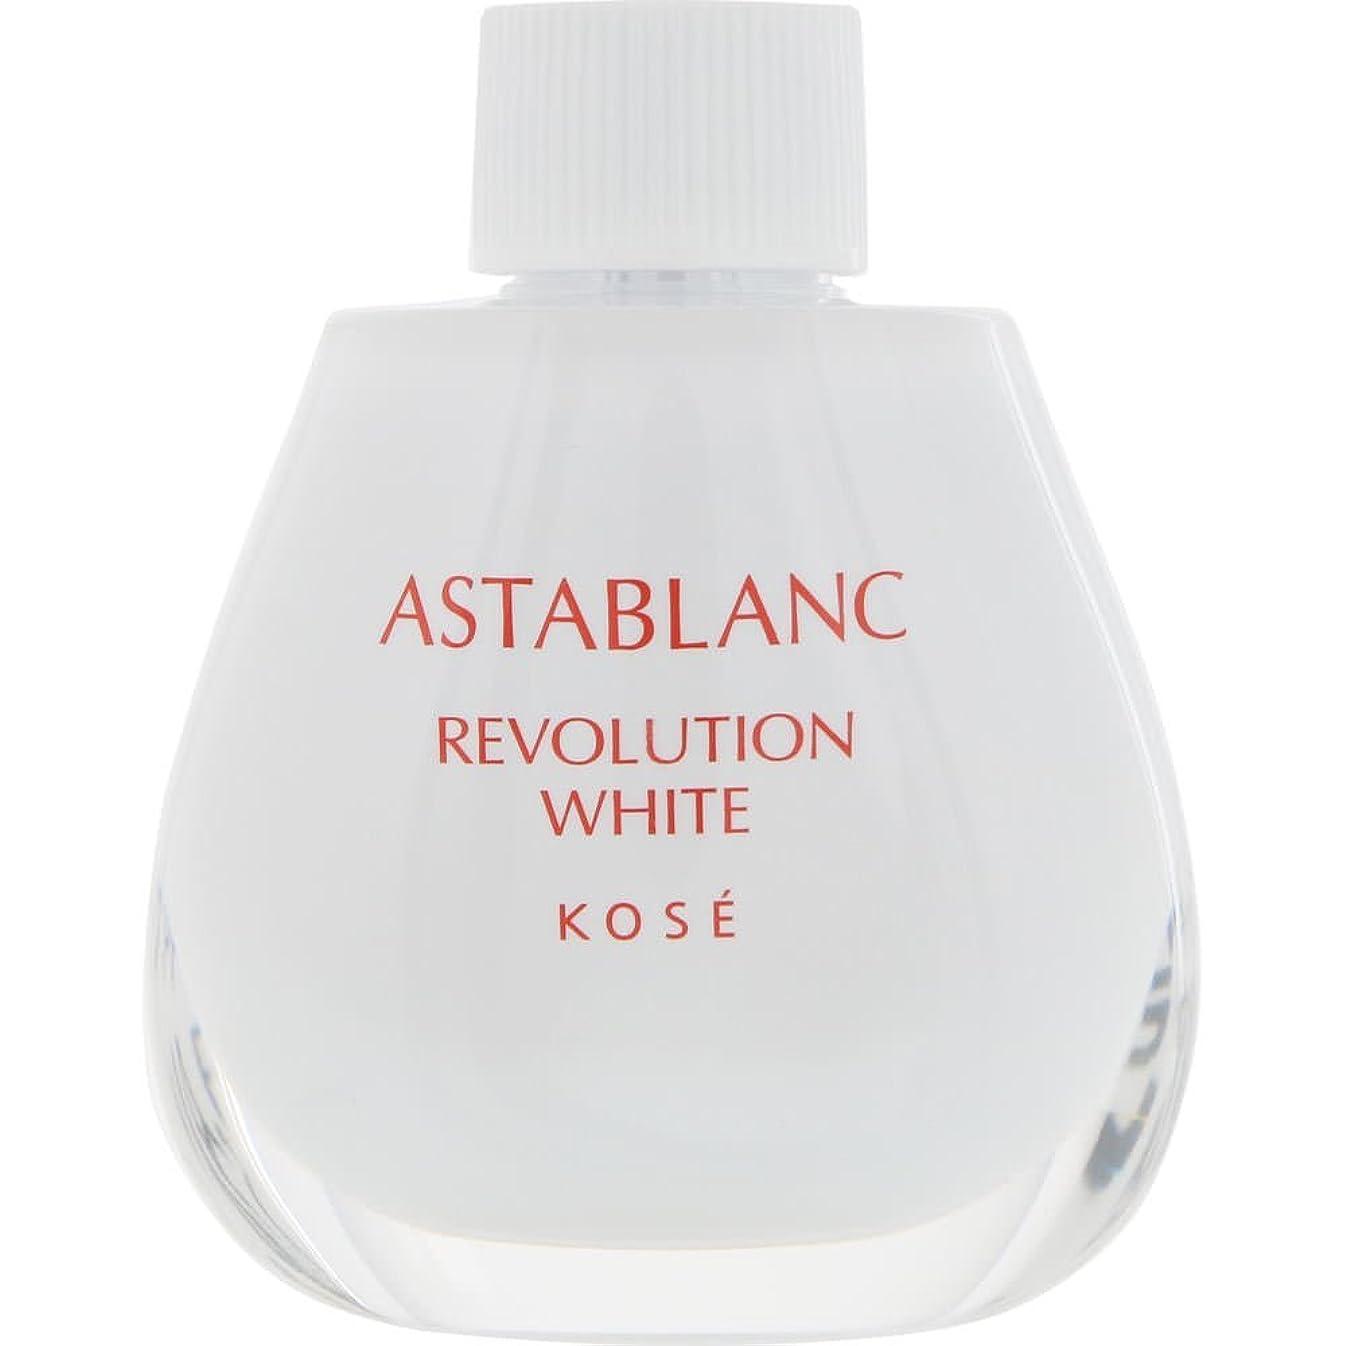 ラダモンキー幸運[医薬部外品] アスタブラン レボリューション ホワイト (付けかえ用) 30mL